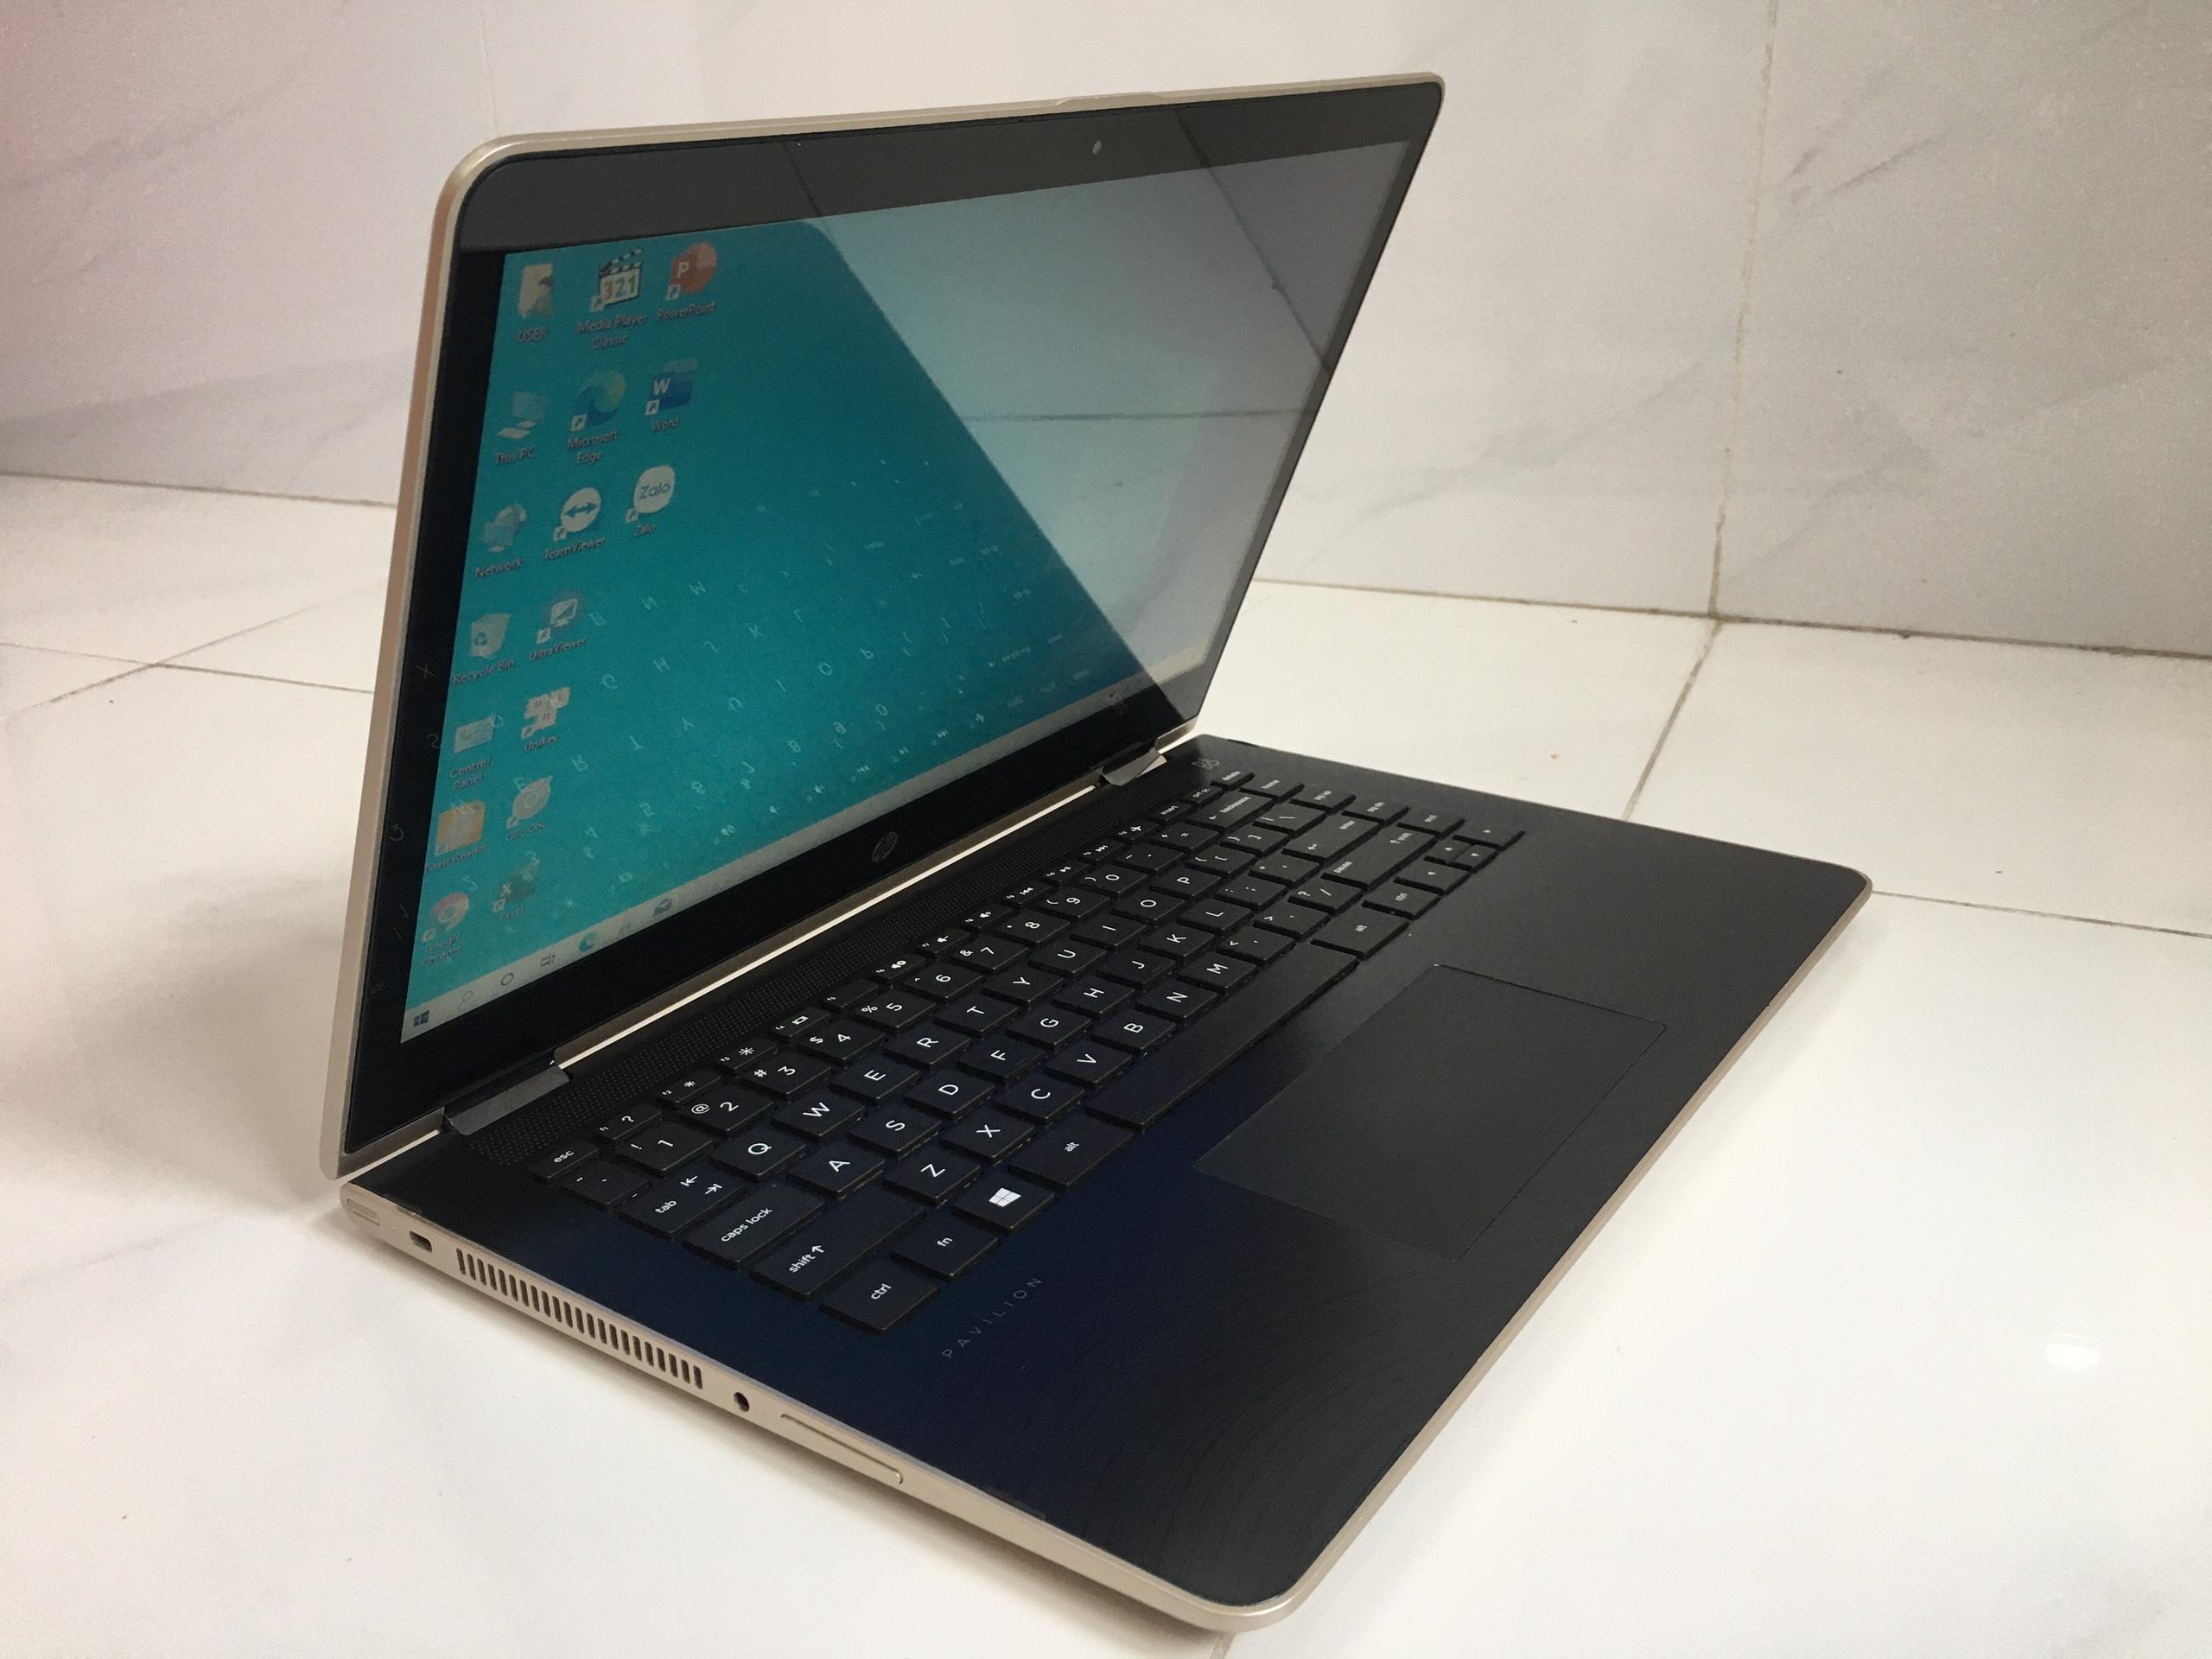 laptop-hp-pavilion-6